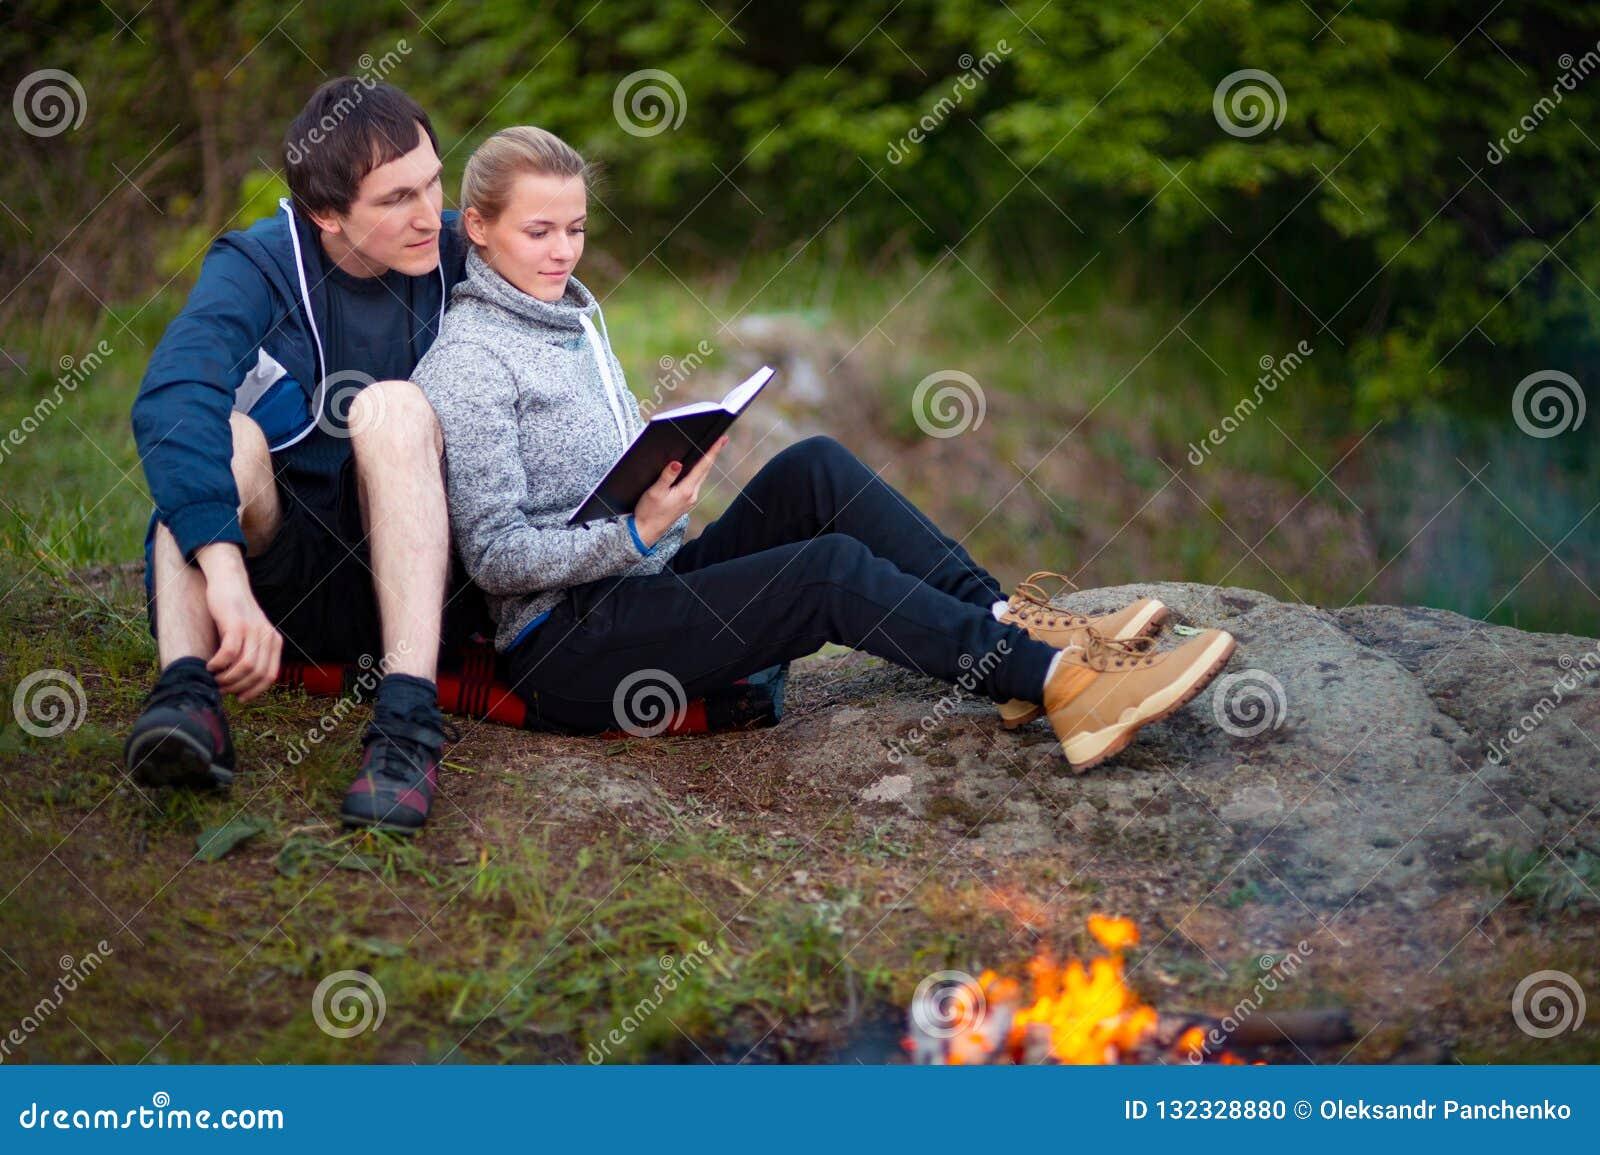 Ευτυχής νέα συνεδρίαση ζευγών κοντά στην πυρά προσκόπων και το βιβλίο ανάγνωσης